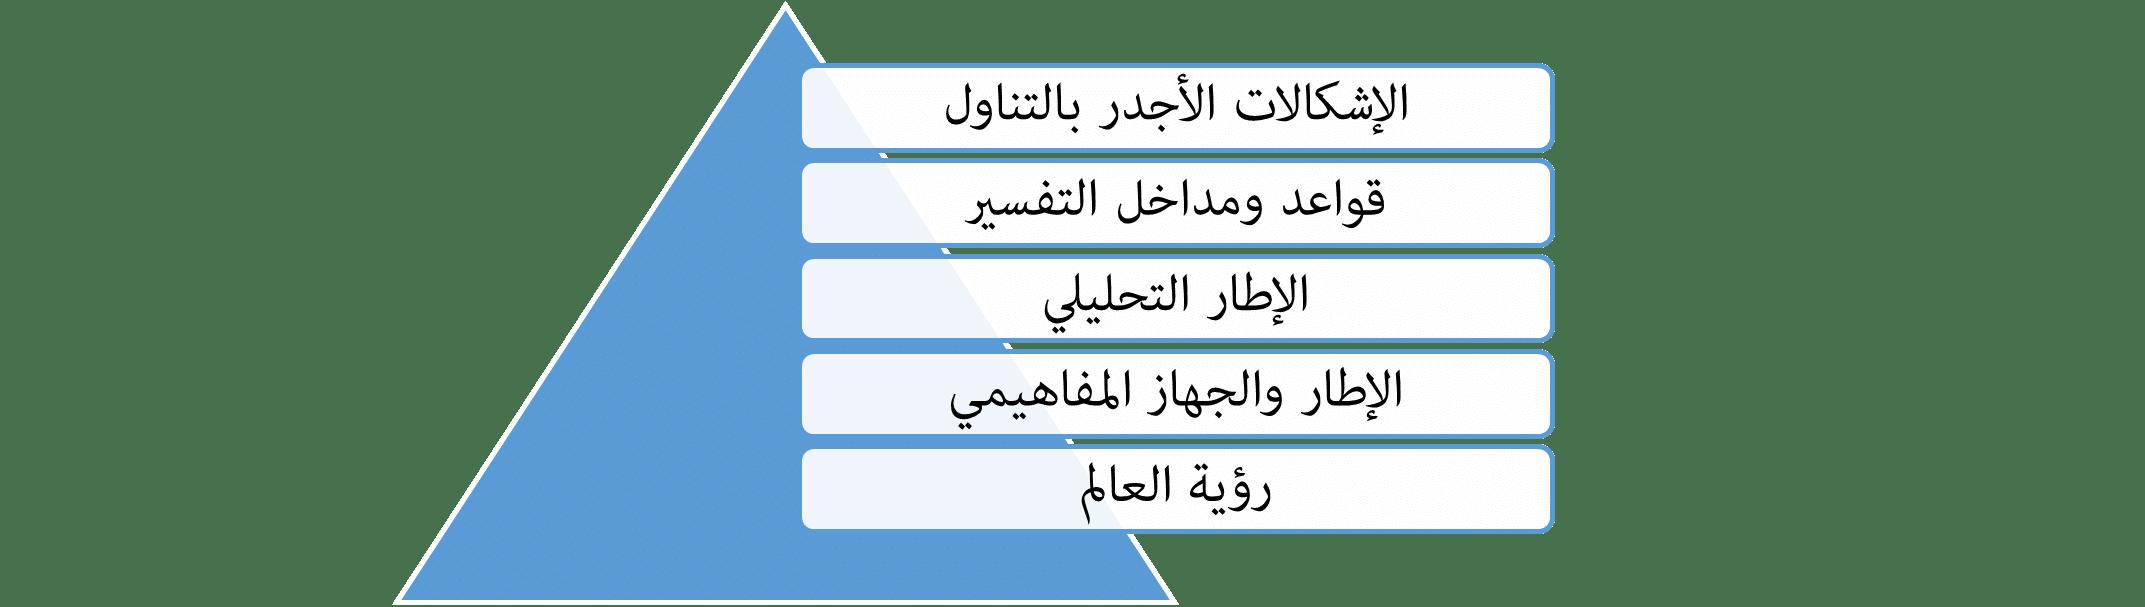 المنهجية الإسلامية المقومات وأطر التخليل وقواعد التفسير-1